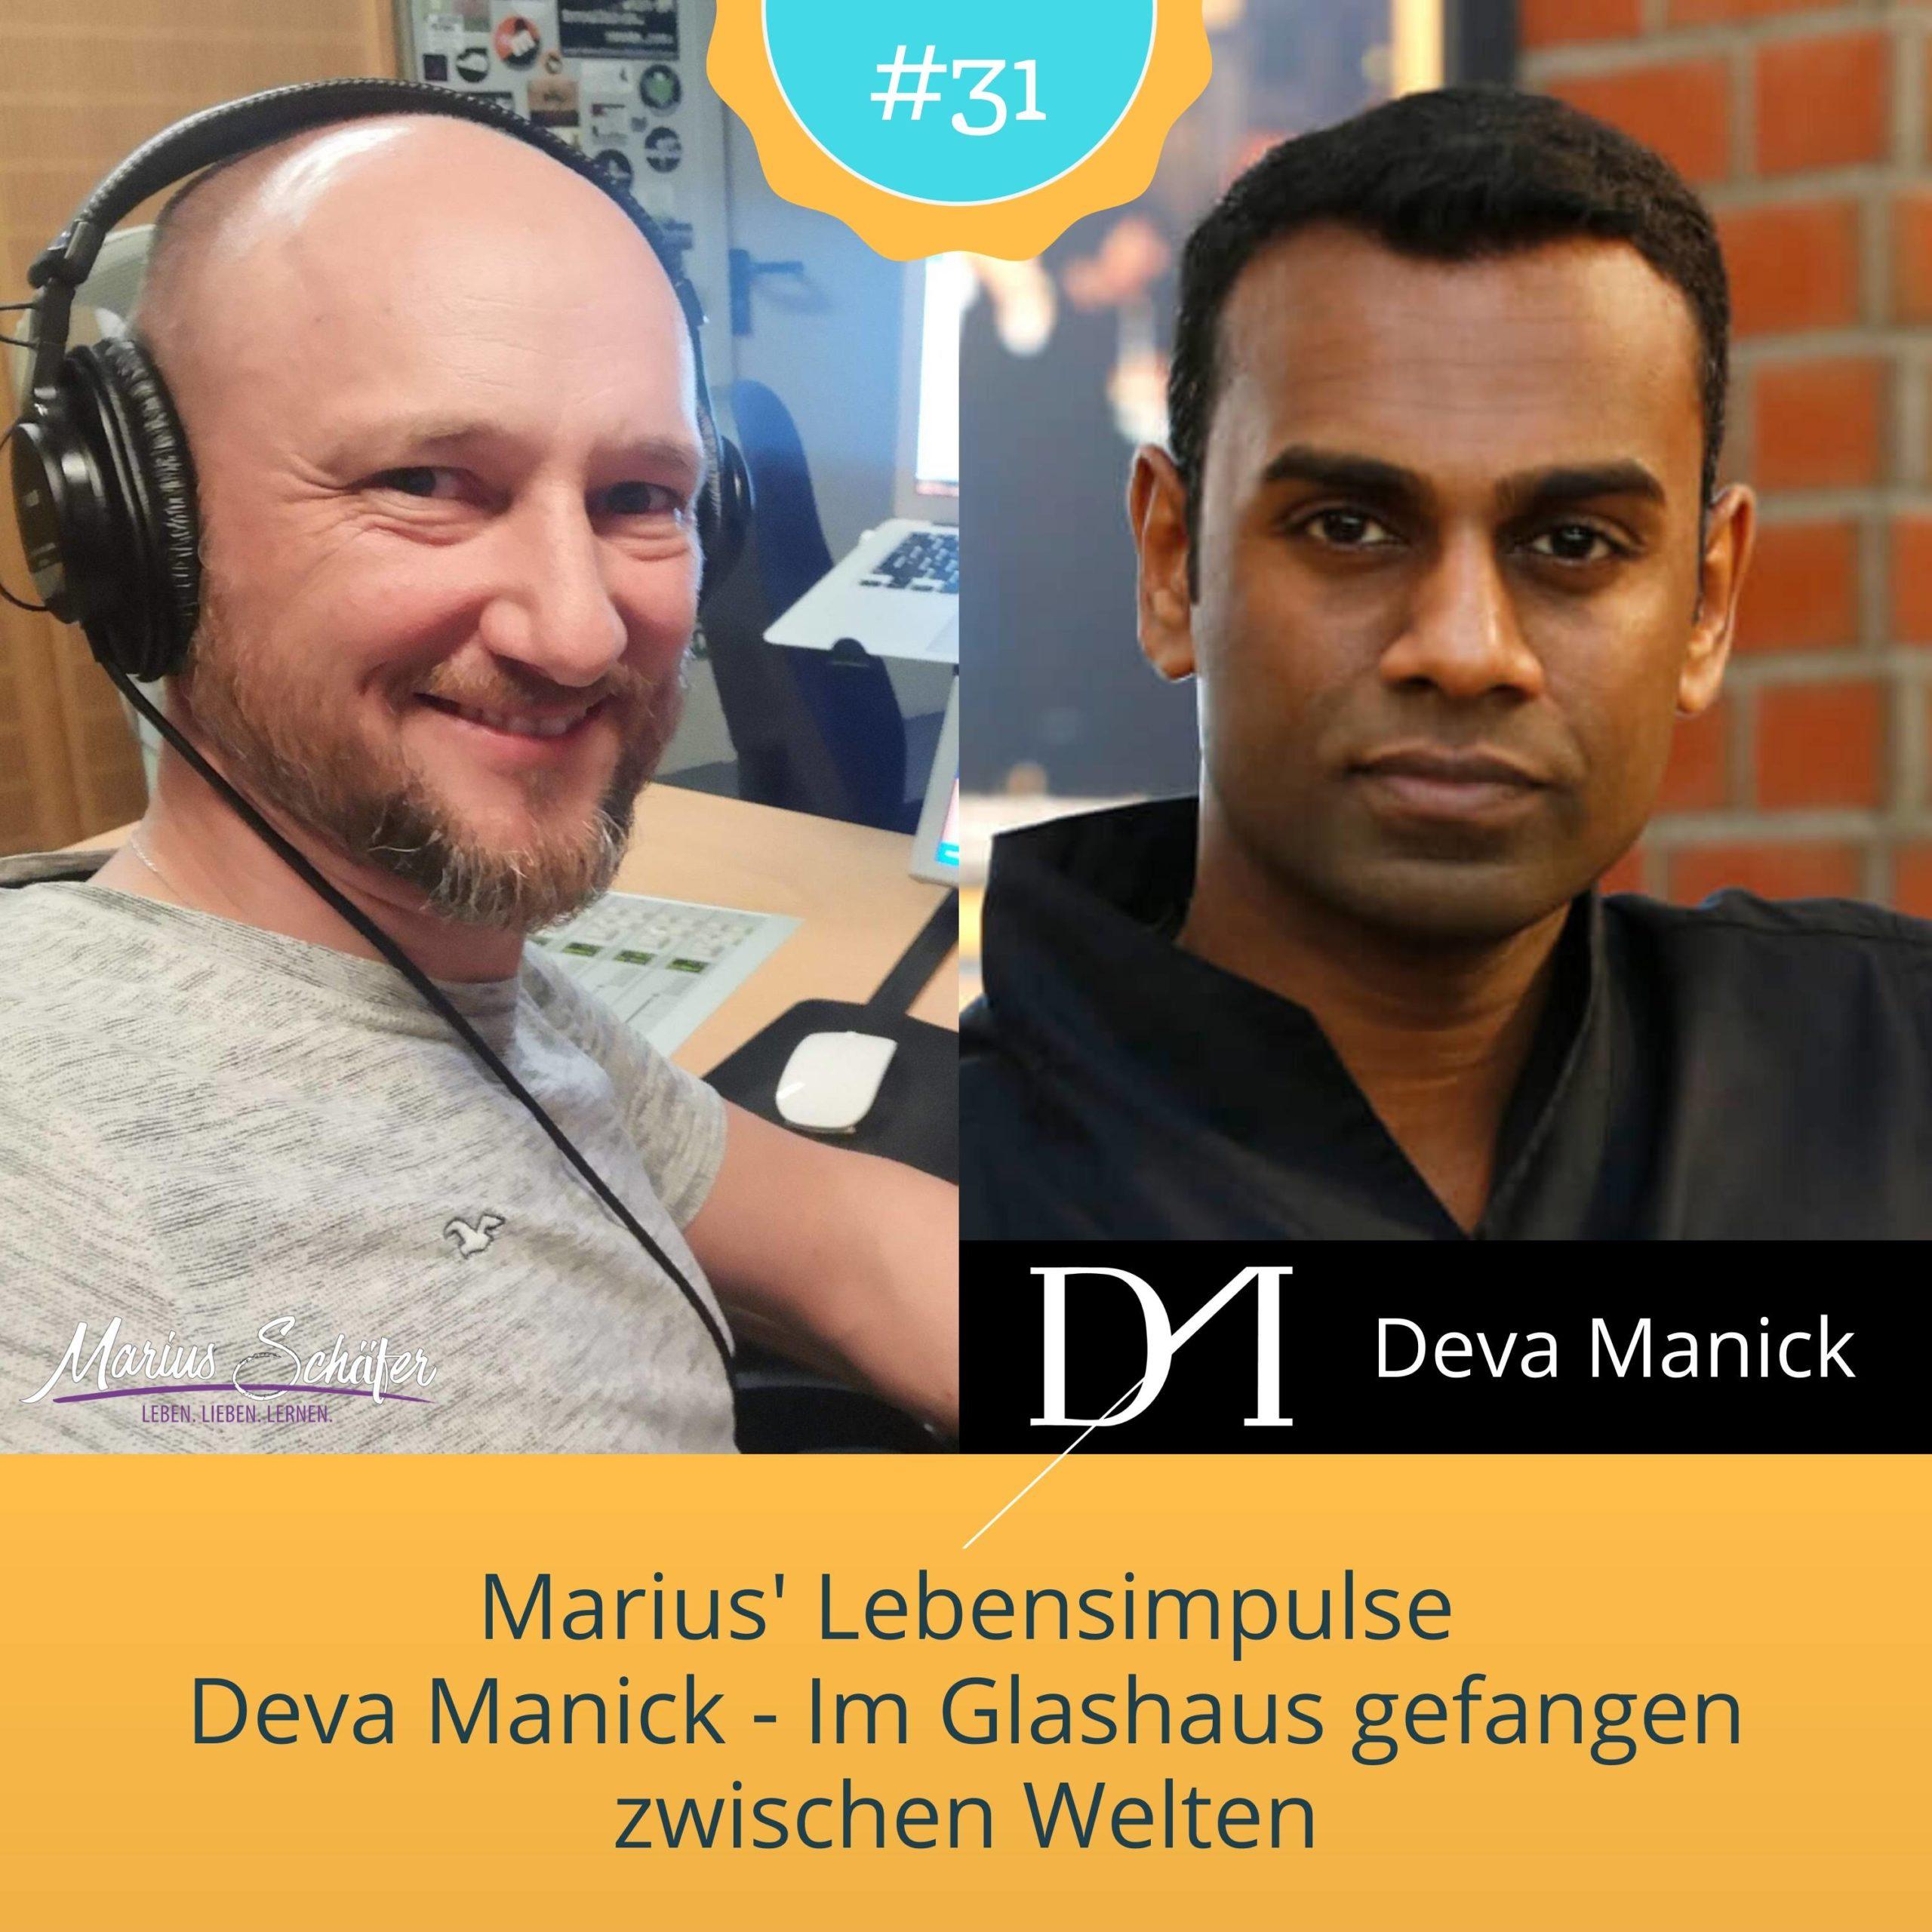 Deva Manick - Im Glashaus gefangen zwischen Welten